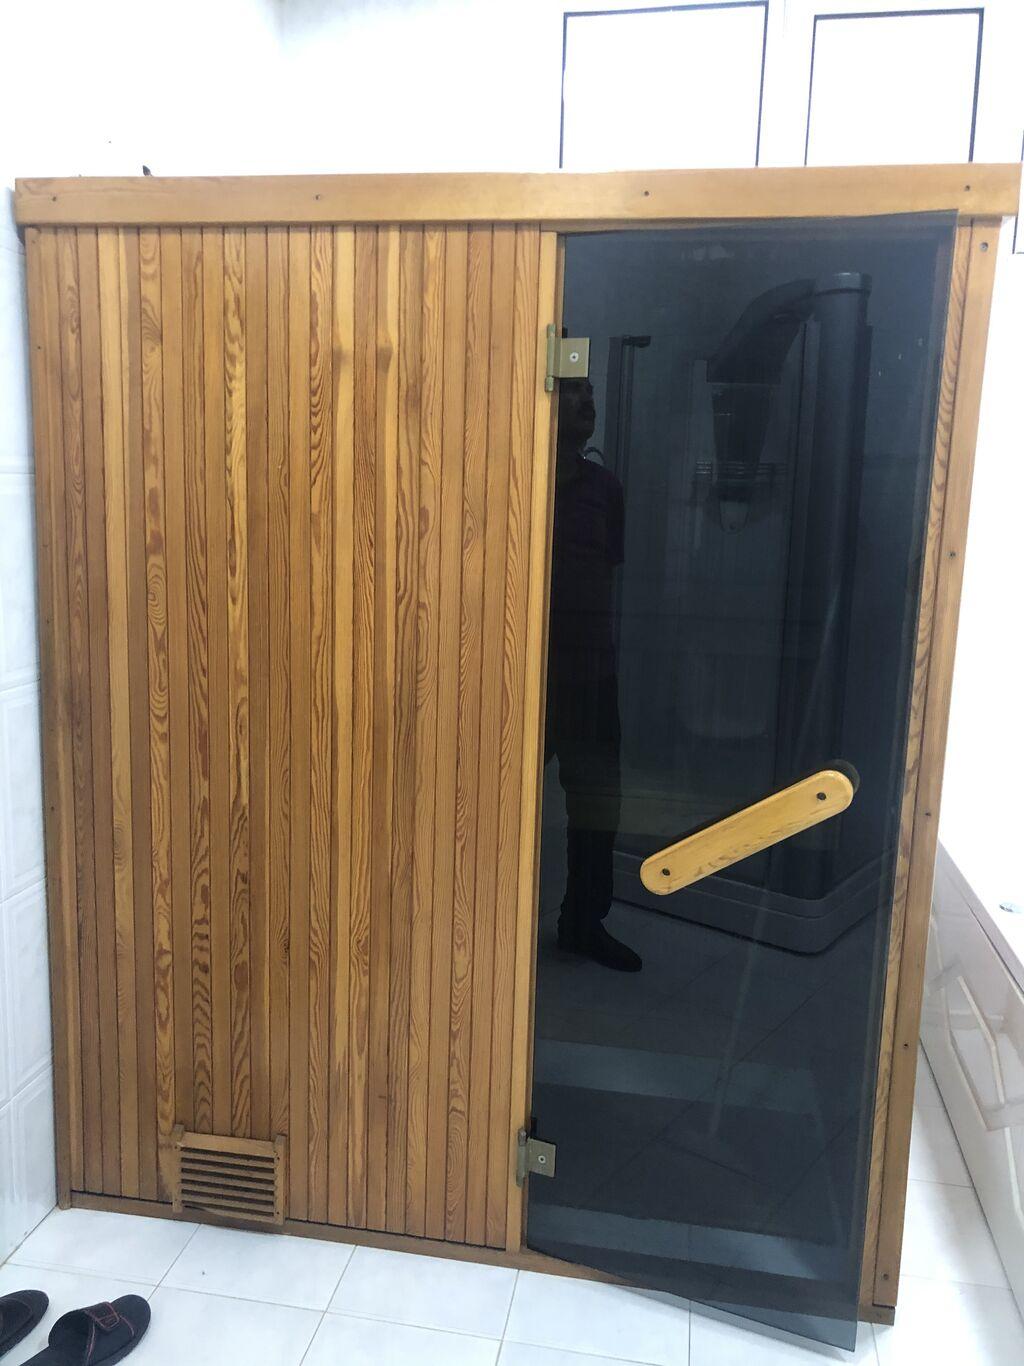 Sauna Yaxşi veziyətdədi, elektriklə gızır, 2 nıfər üçün nəzərdə tutub 2-3 dəfə istifadə olunub, durumu yeni kimidi, giymətxə razılaşarıg ciddi alıcıynan